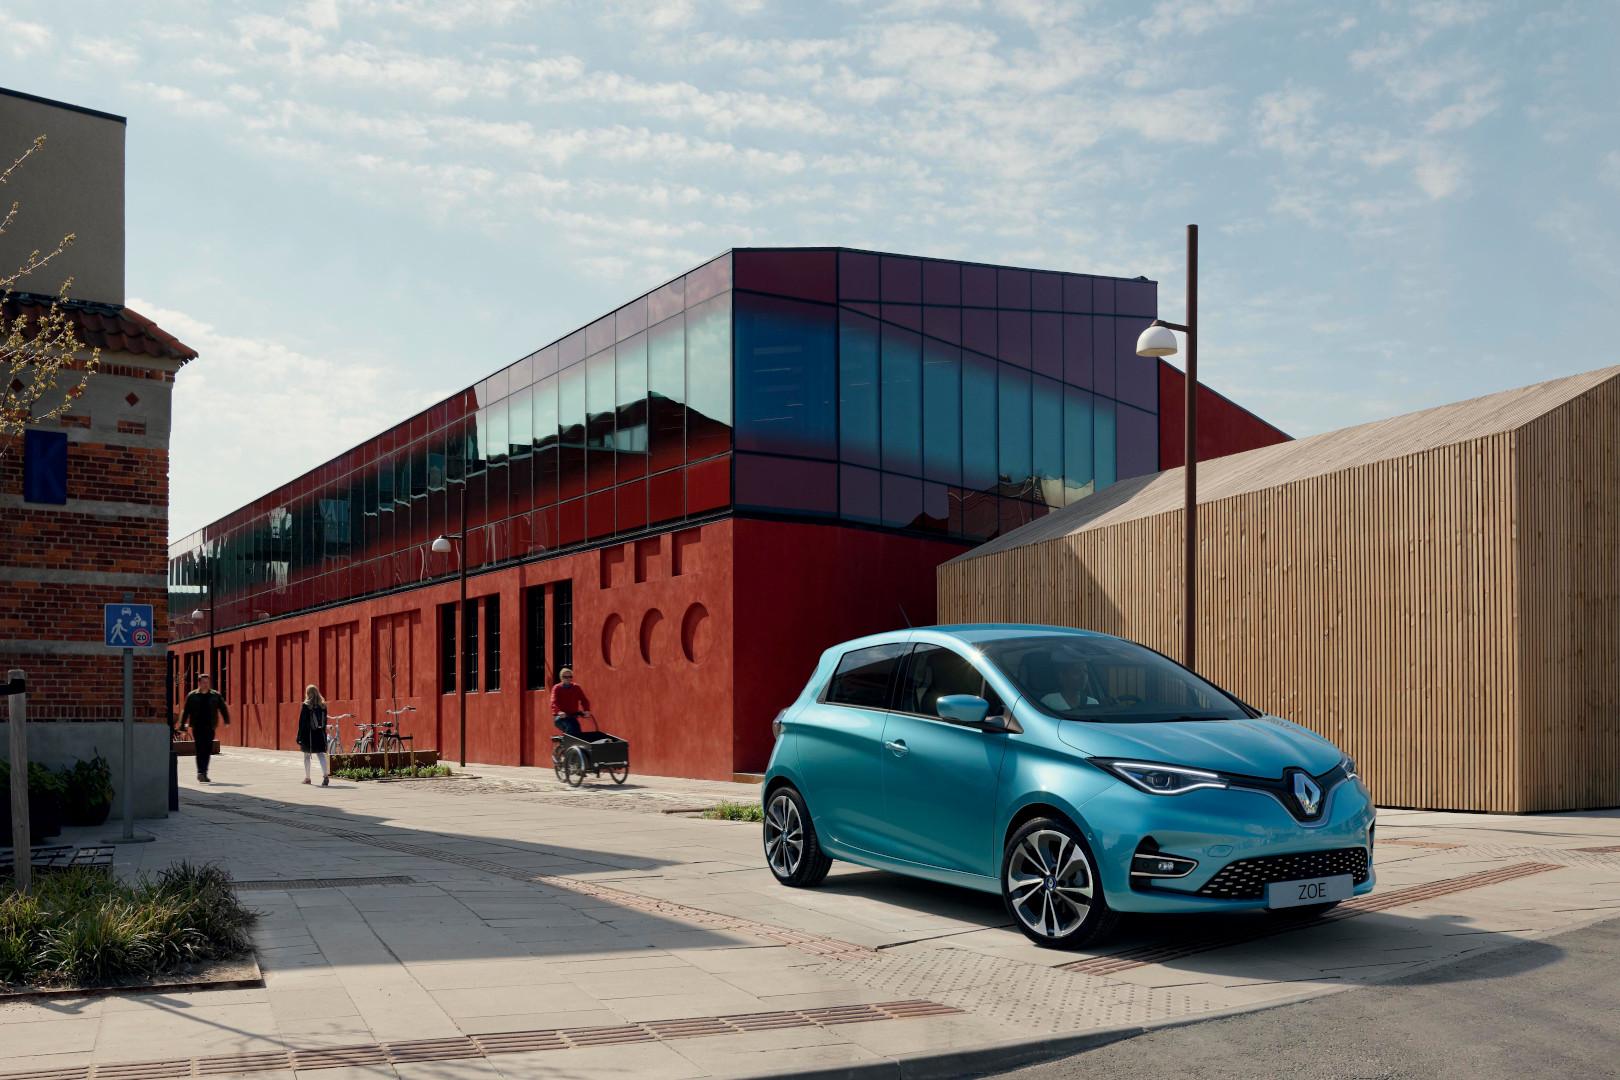 """La storia di """"Renault Zoe"""", la citycar francese più venduta in Europa negli ultimi dieci anni, che si rinnova con più potenza ed autonomia"""